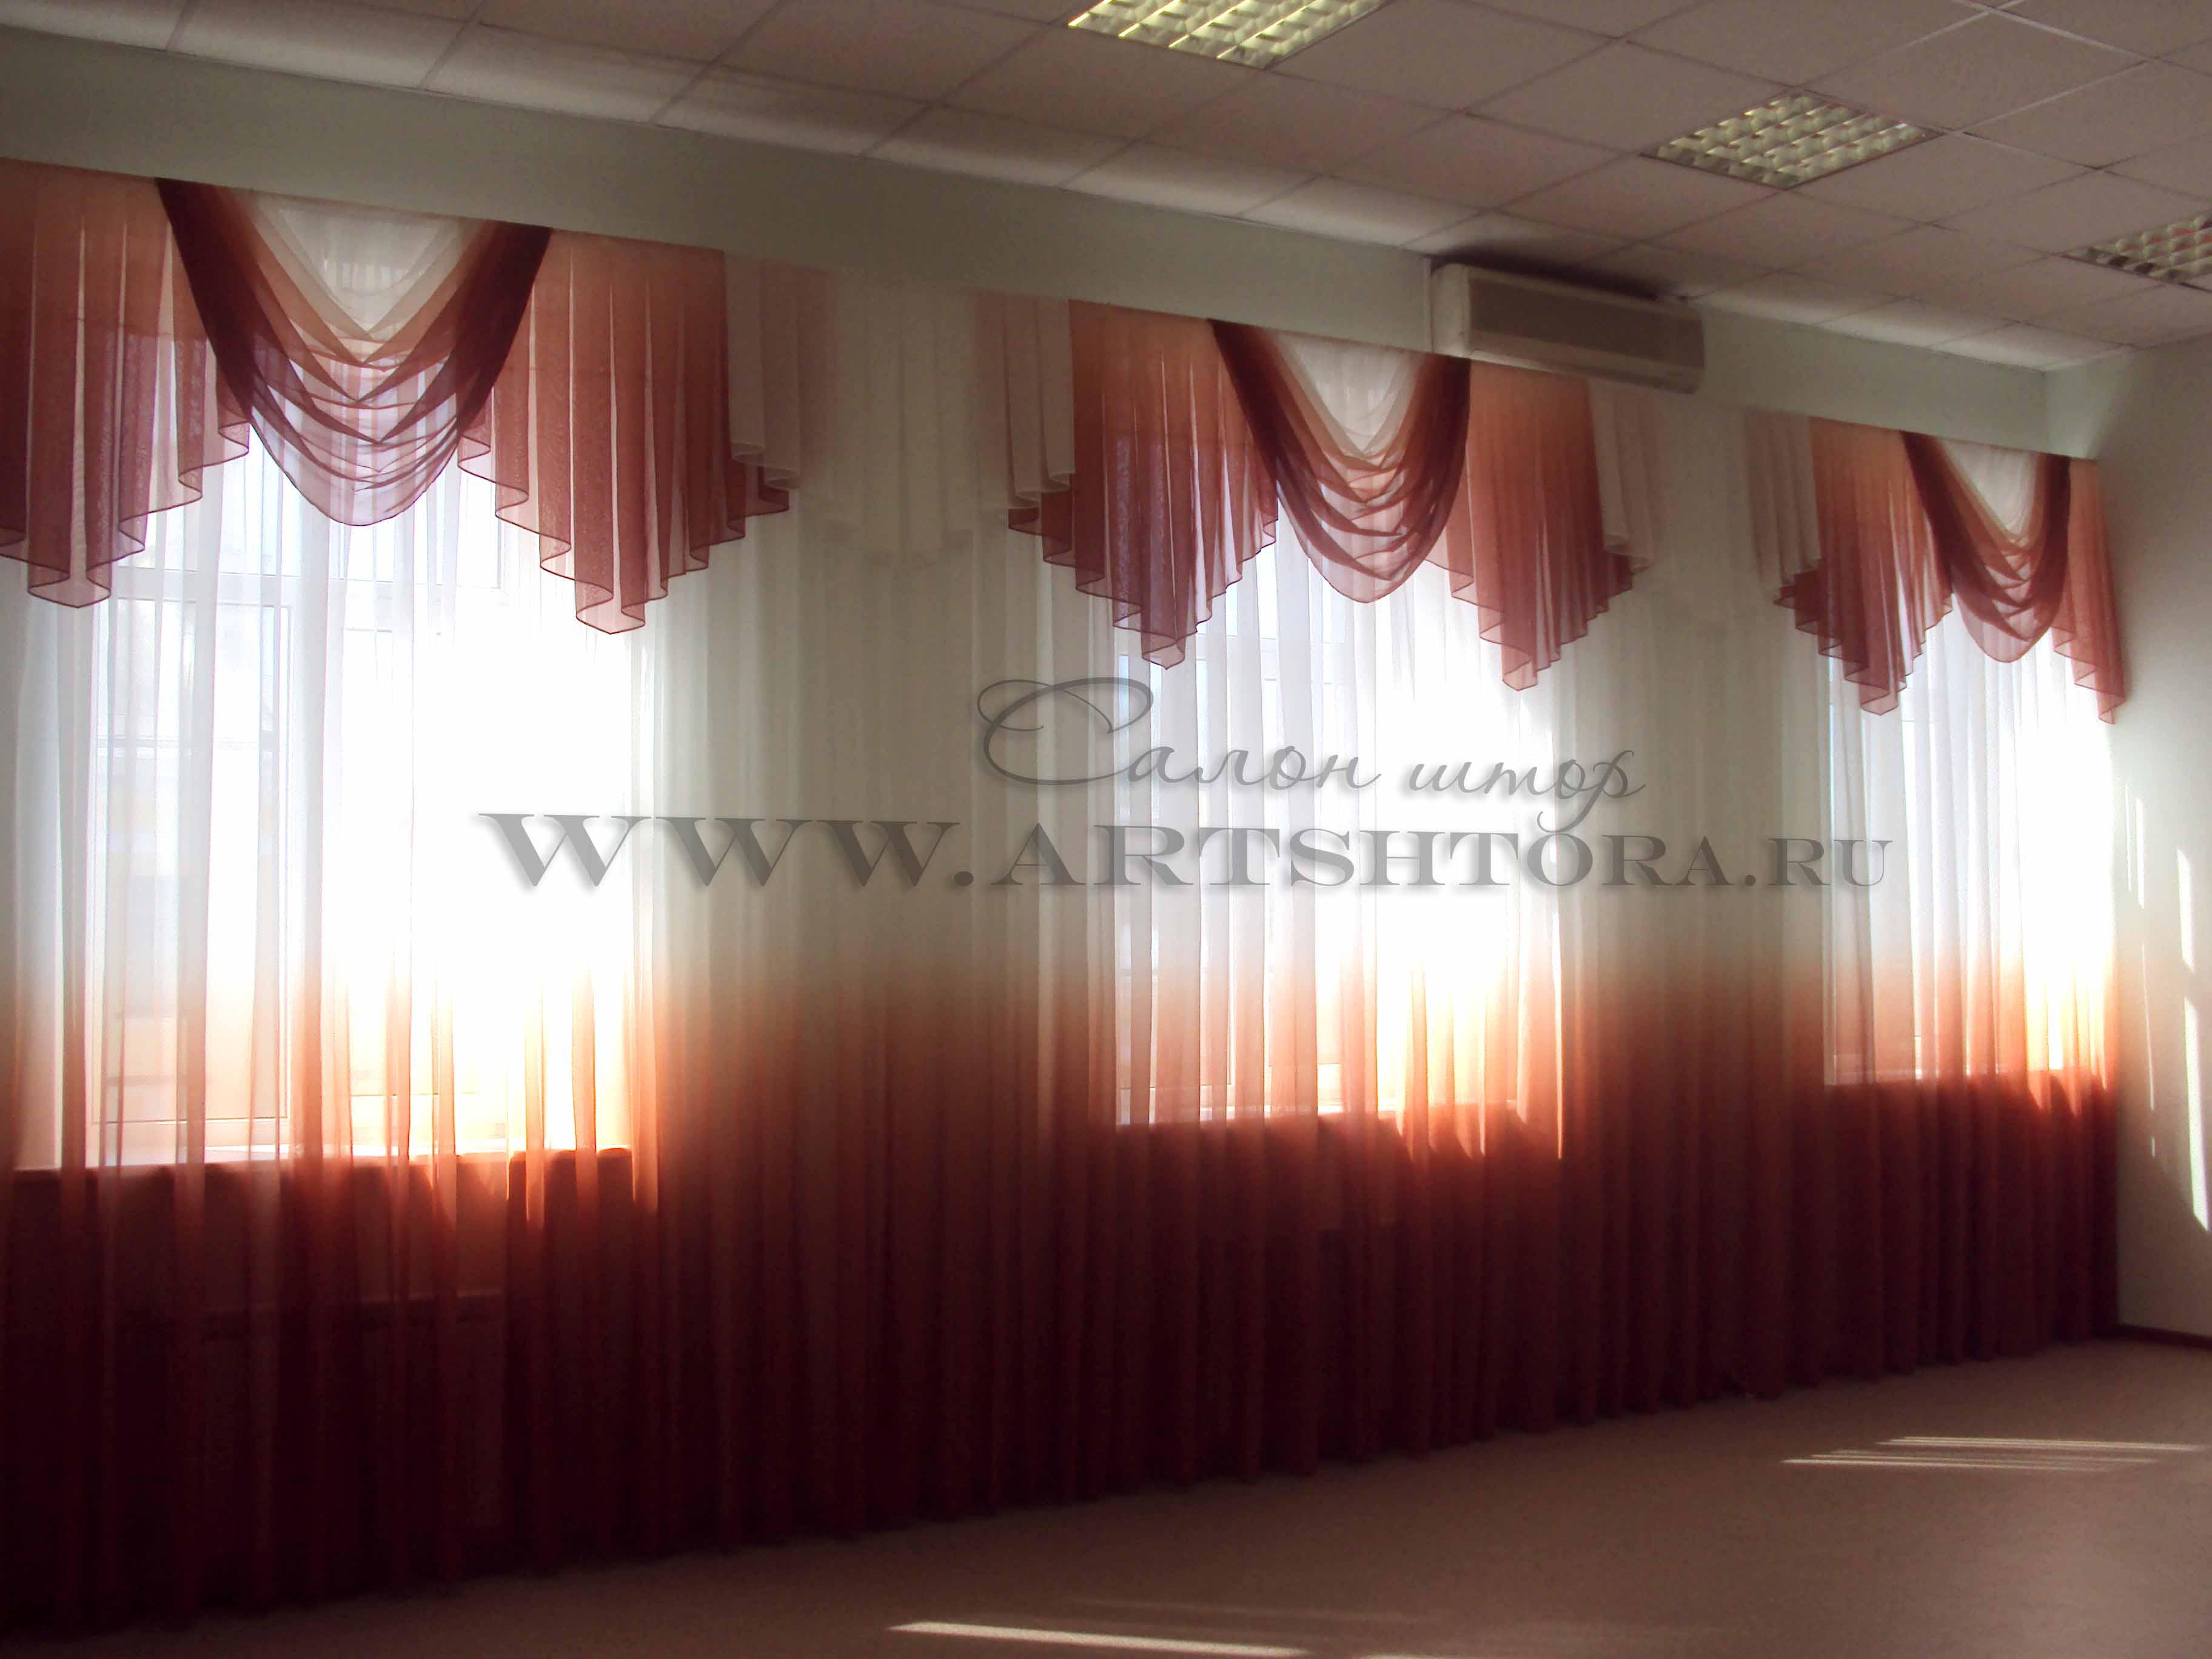 шторы в актовый зал. фото